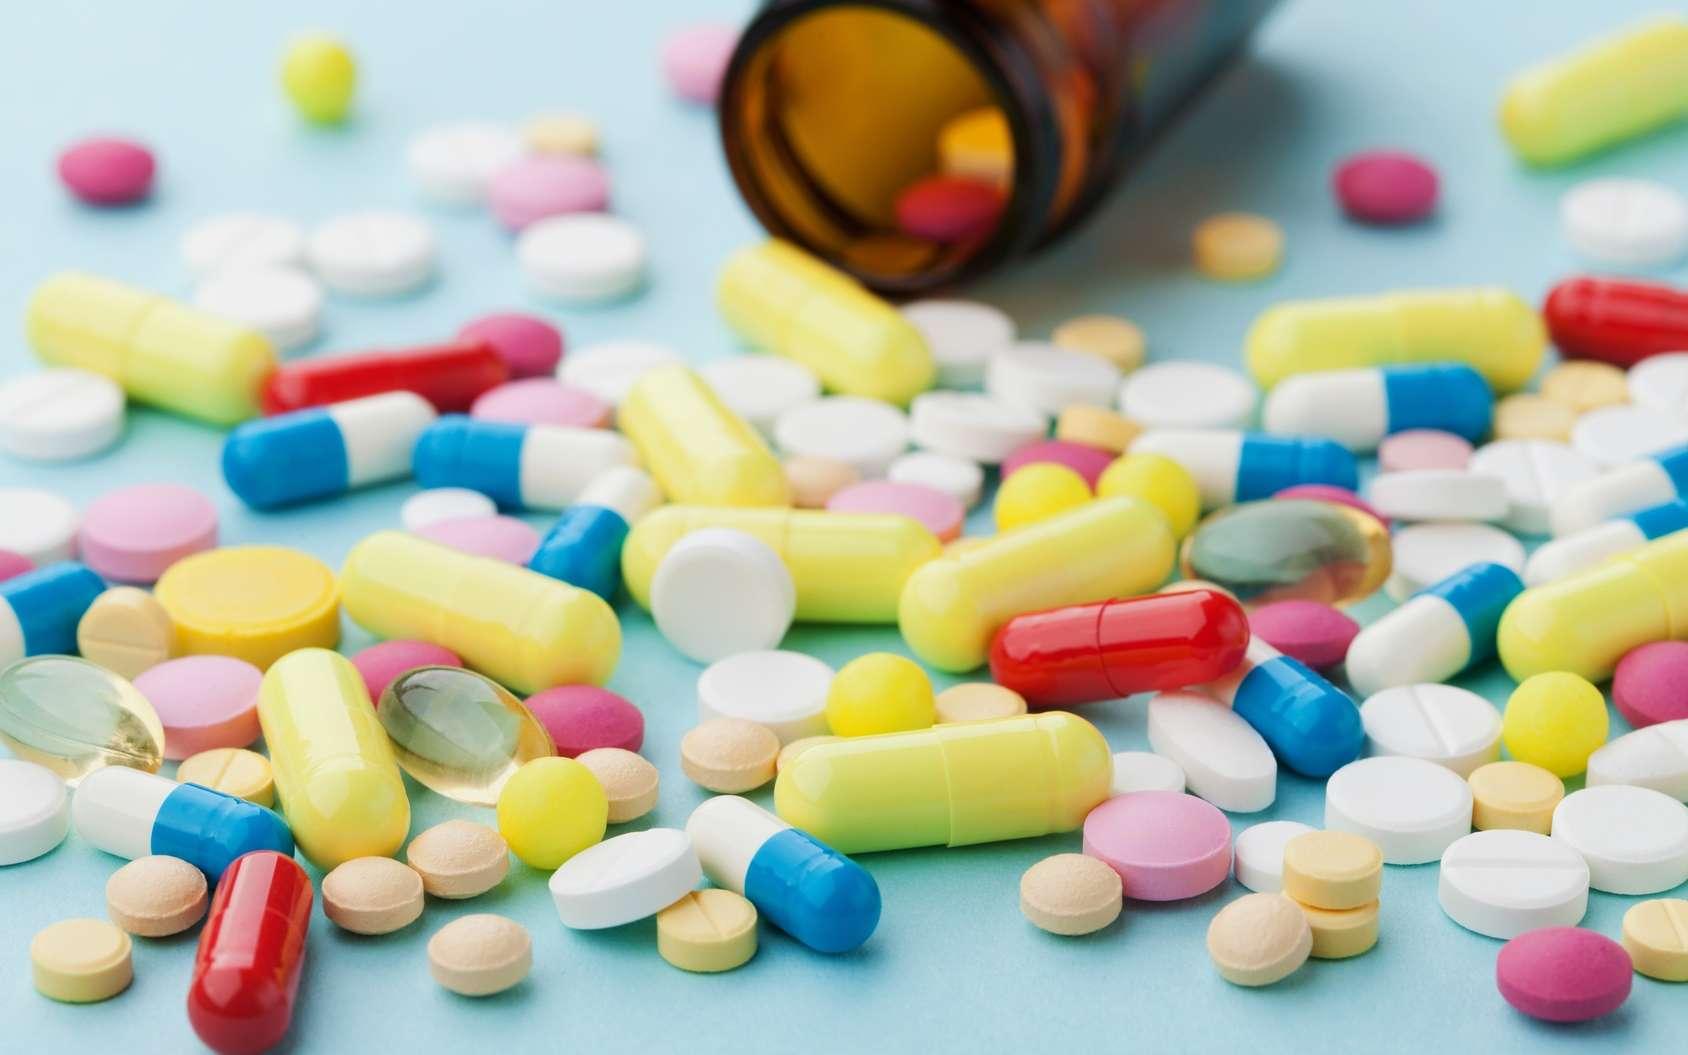 La moitié des nouveaux anticancéreux n'apporterait aucun bénéfice pour la qualité de vie ou le taux de survie. © juliasudnitskaya, Fotolia